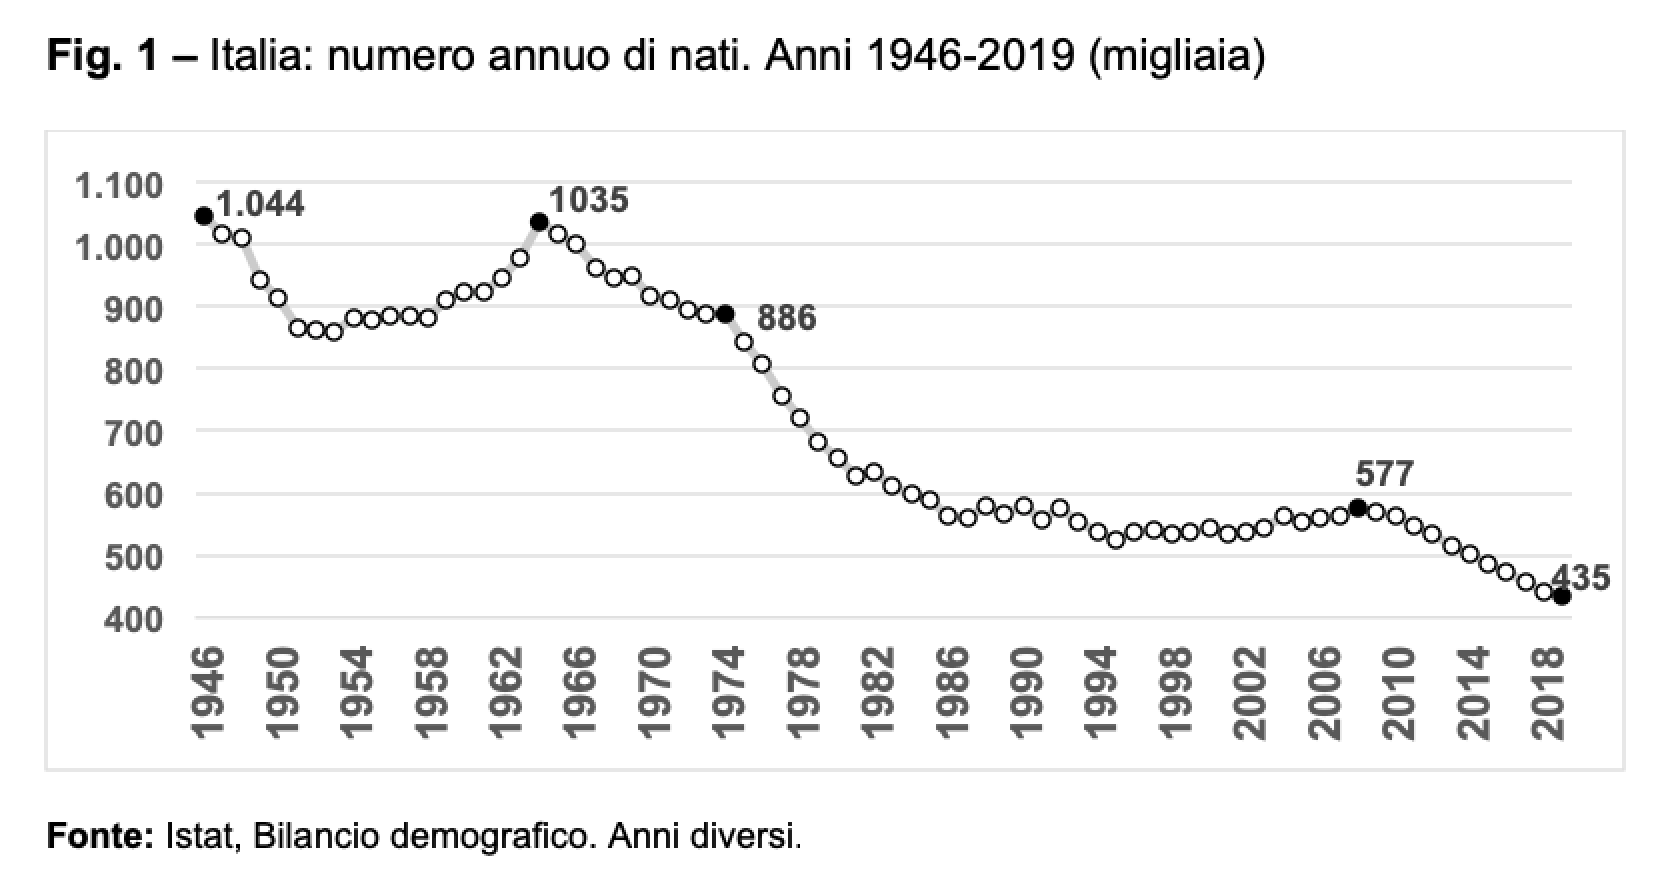 Fig.1 - Italia numero annuo di nati. Anni 1946-2019